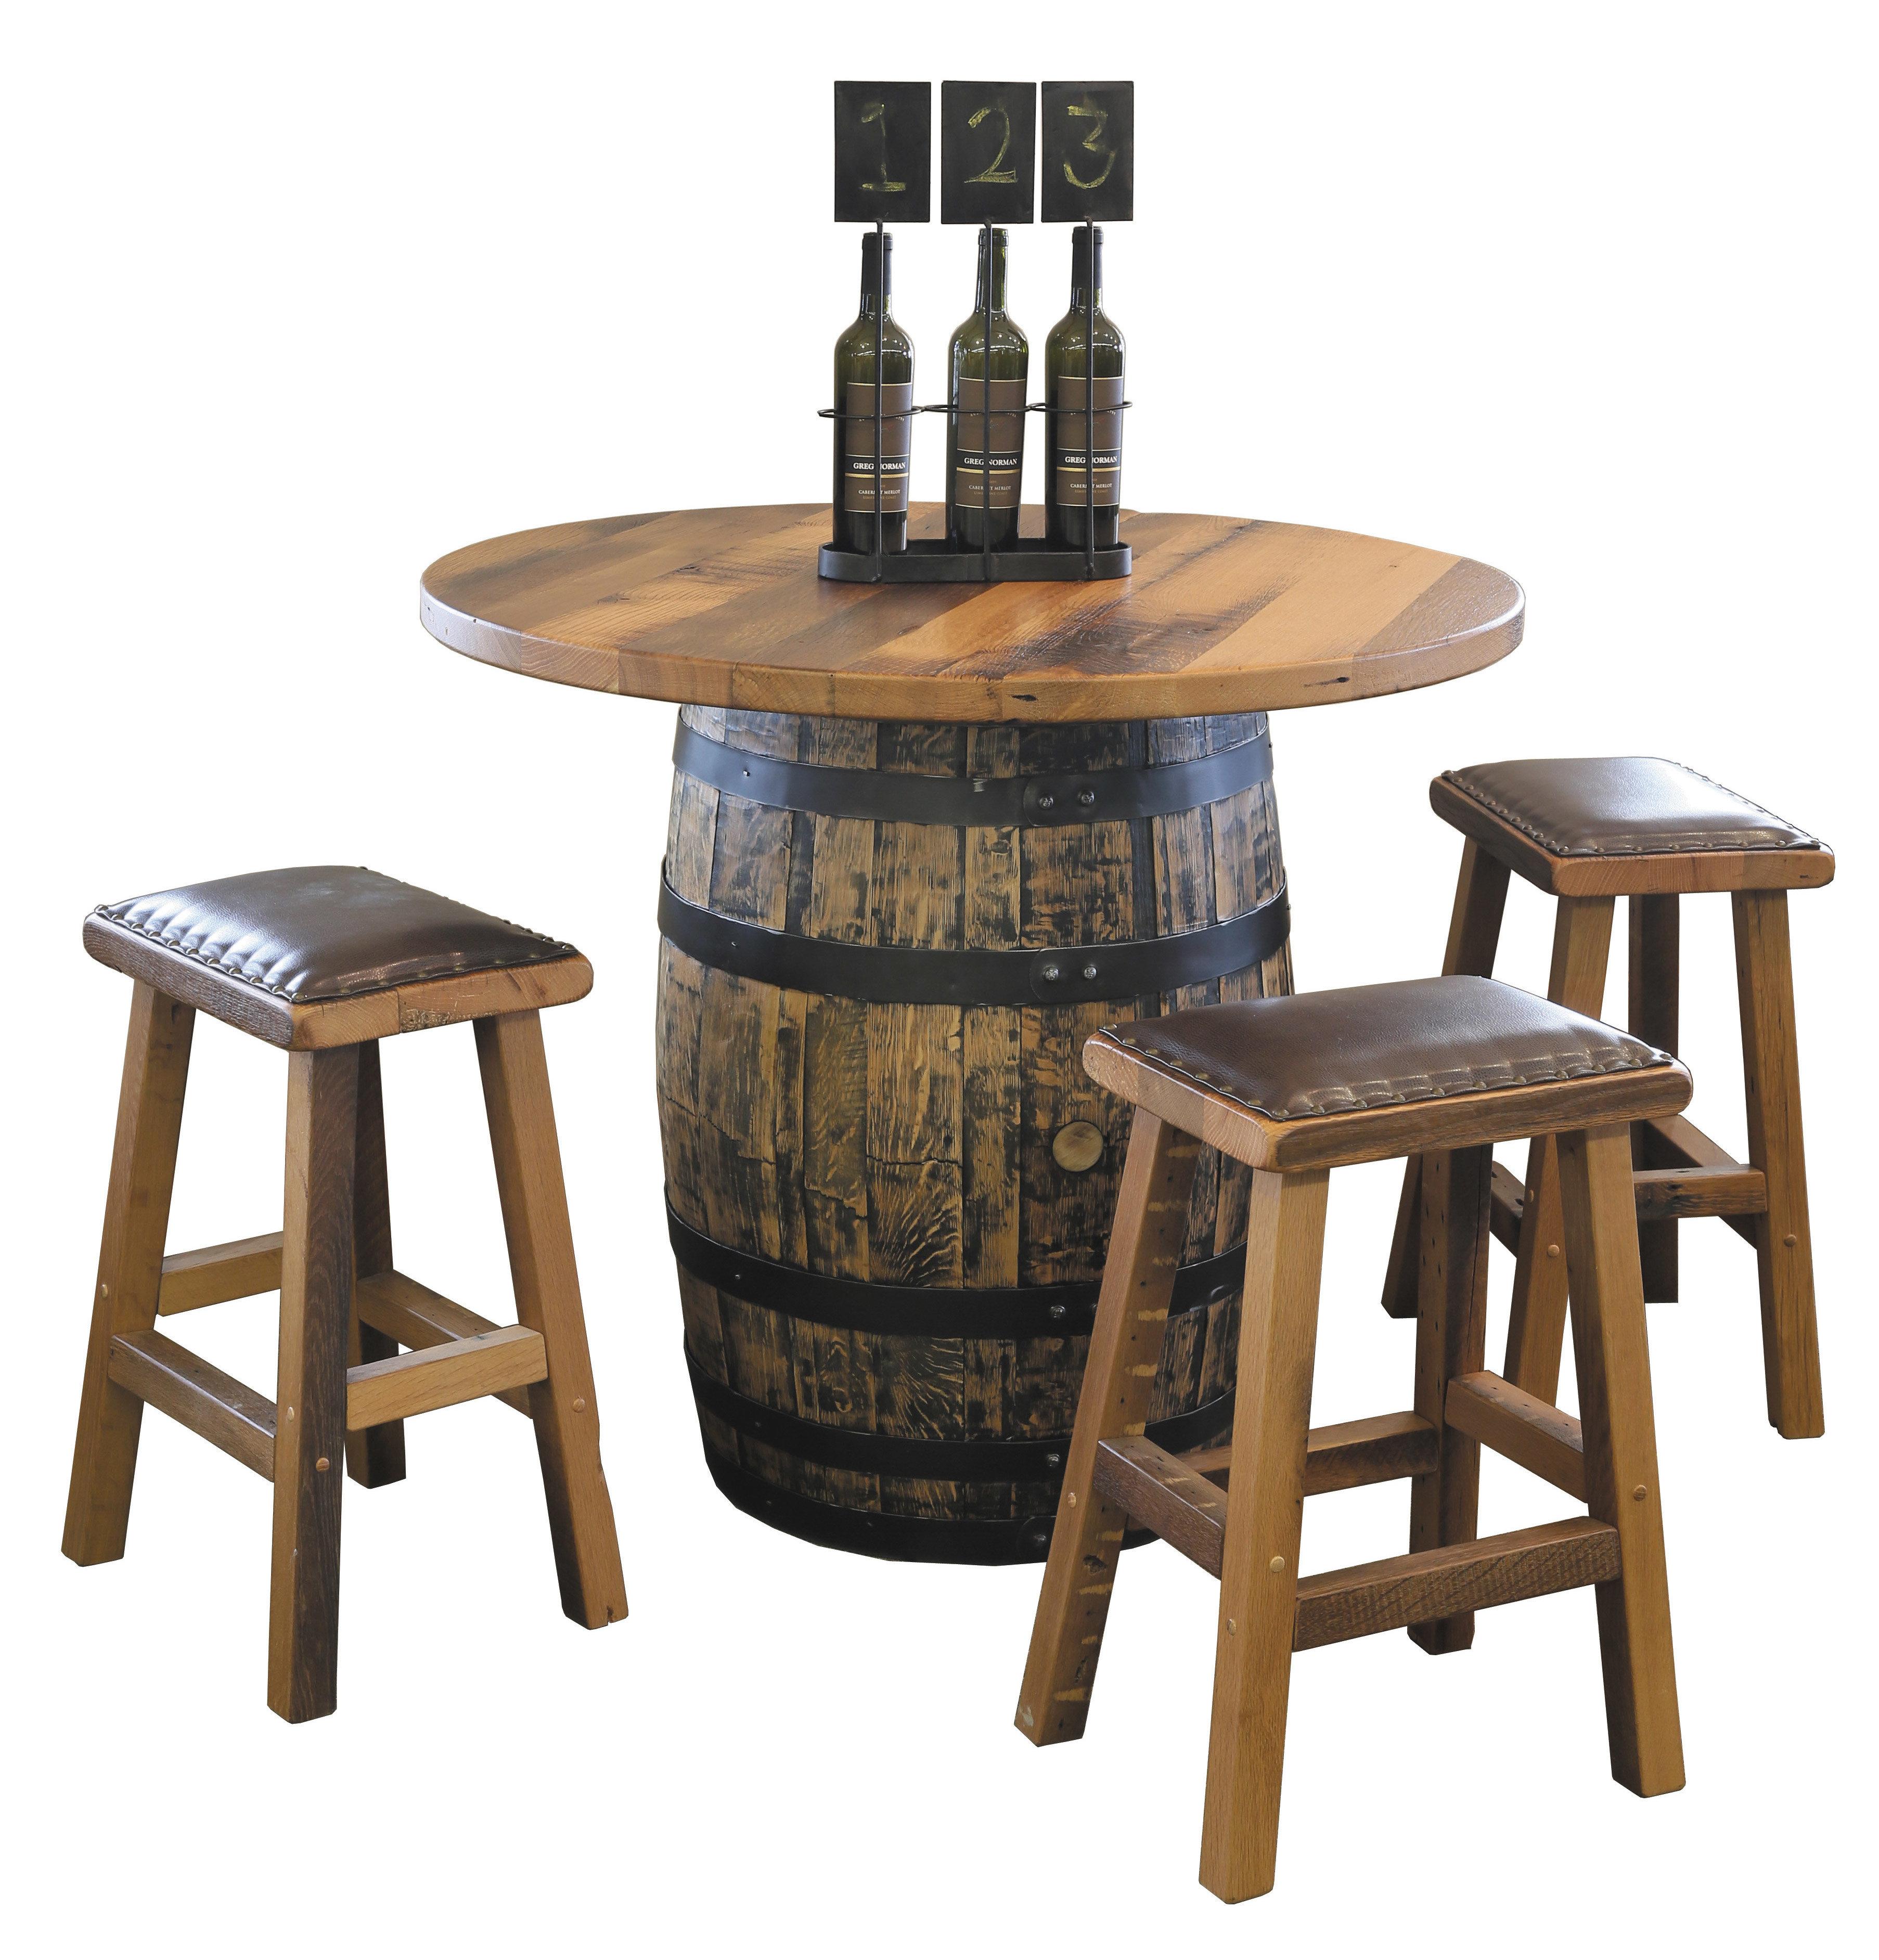 Urban Barnwood Barrel Pub Table 181-R24